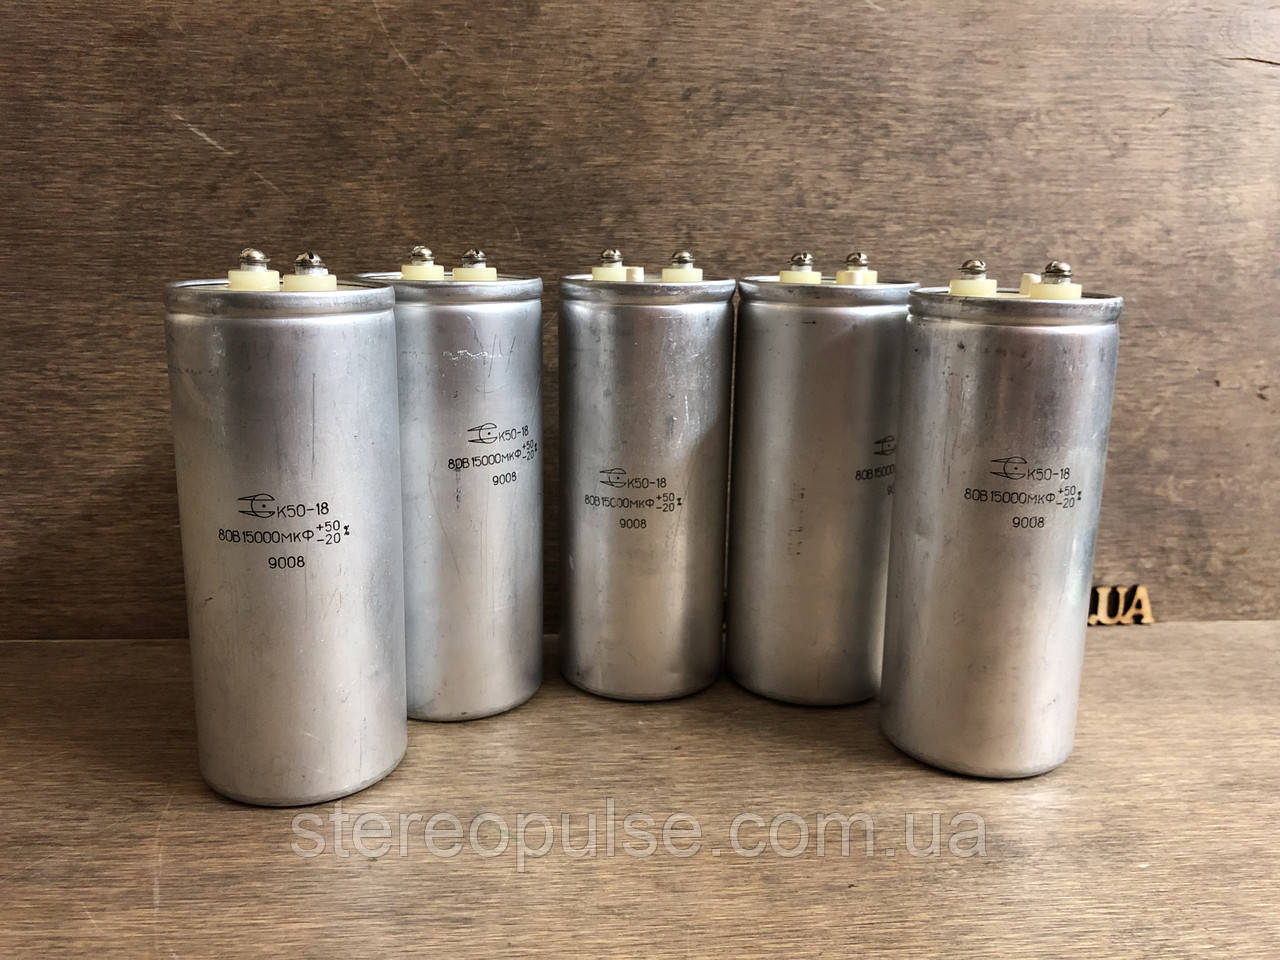 Конденсатор К50-18 15000мкФ 80В